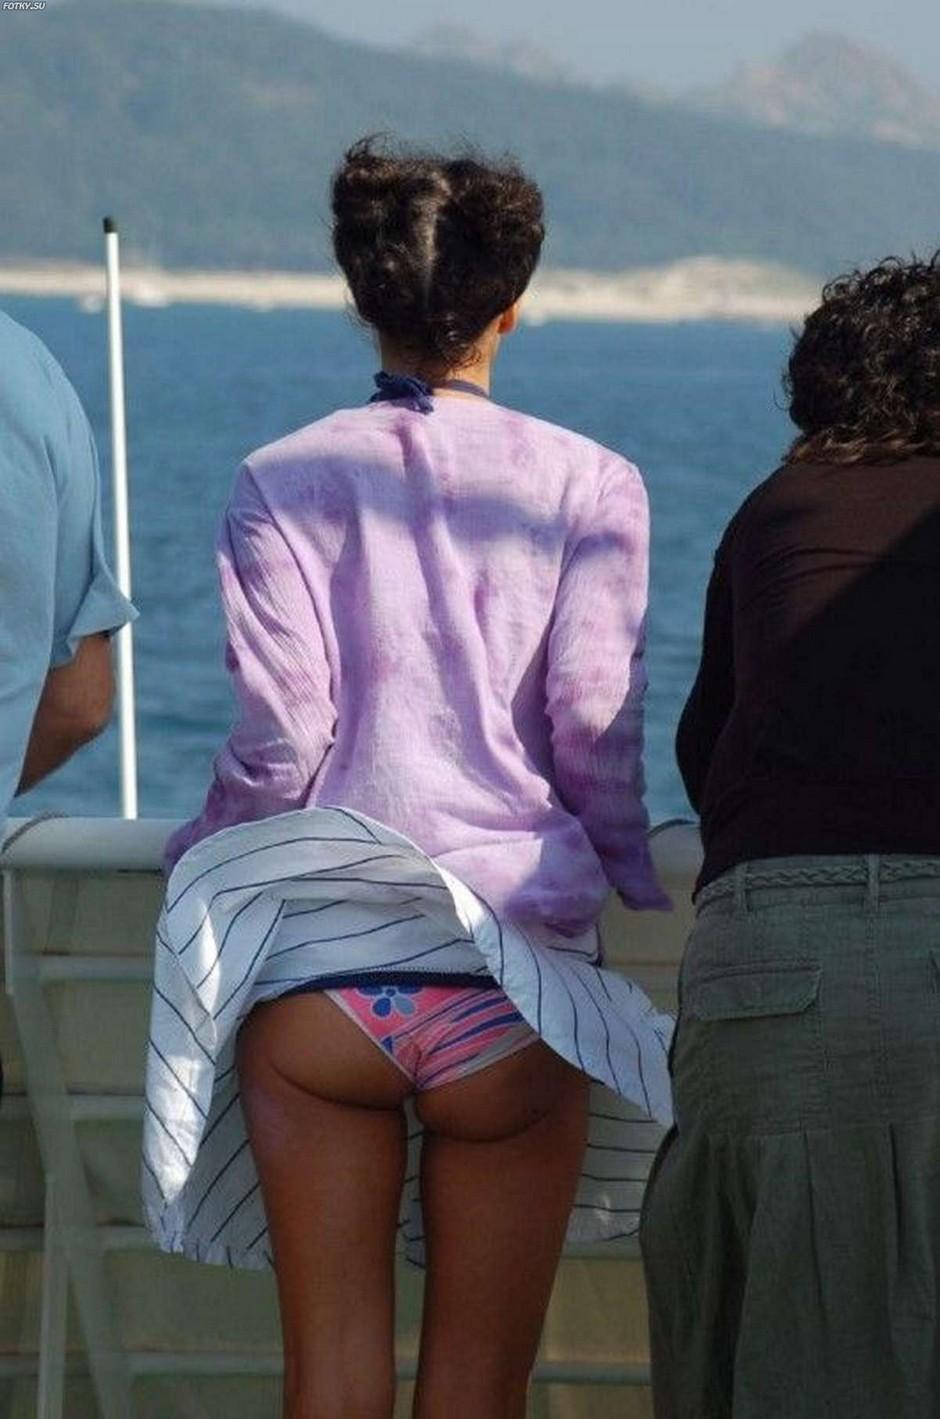 Фото водитель мотоцикла заглядывает девушке под юбку 1 фотография